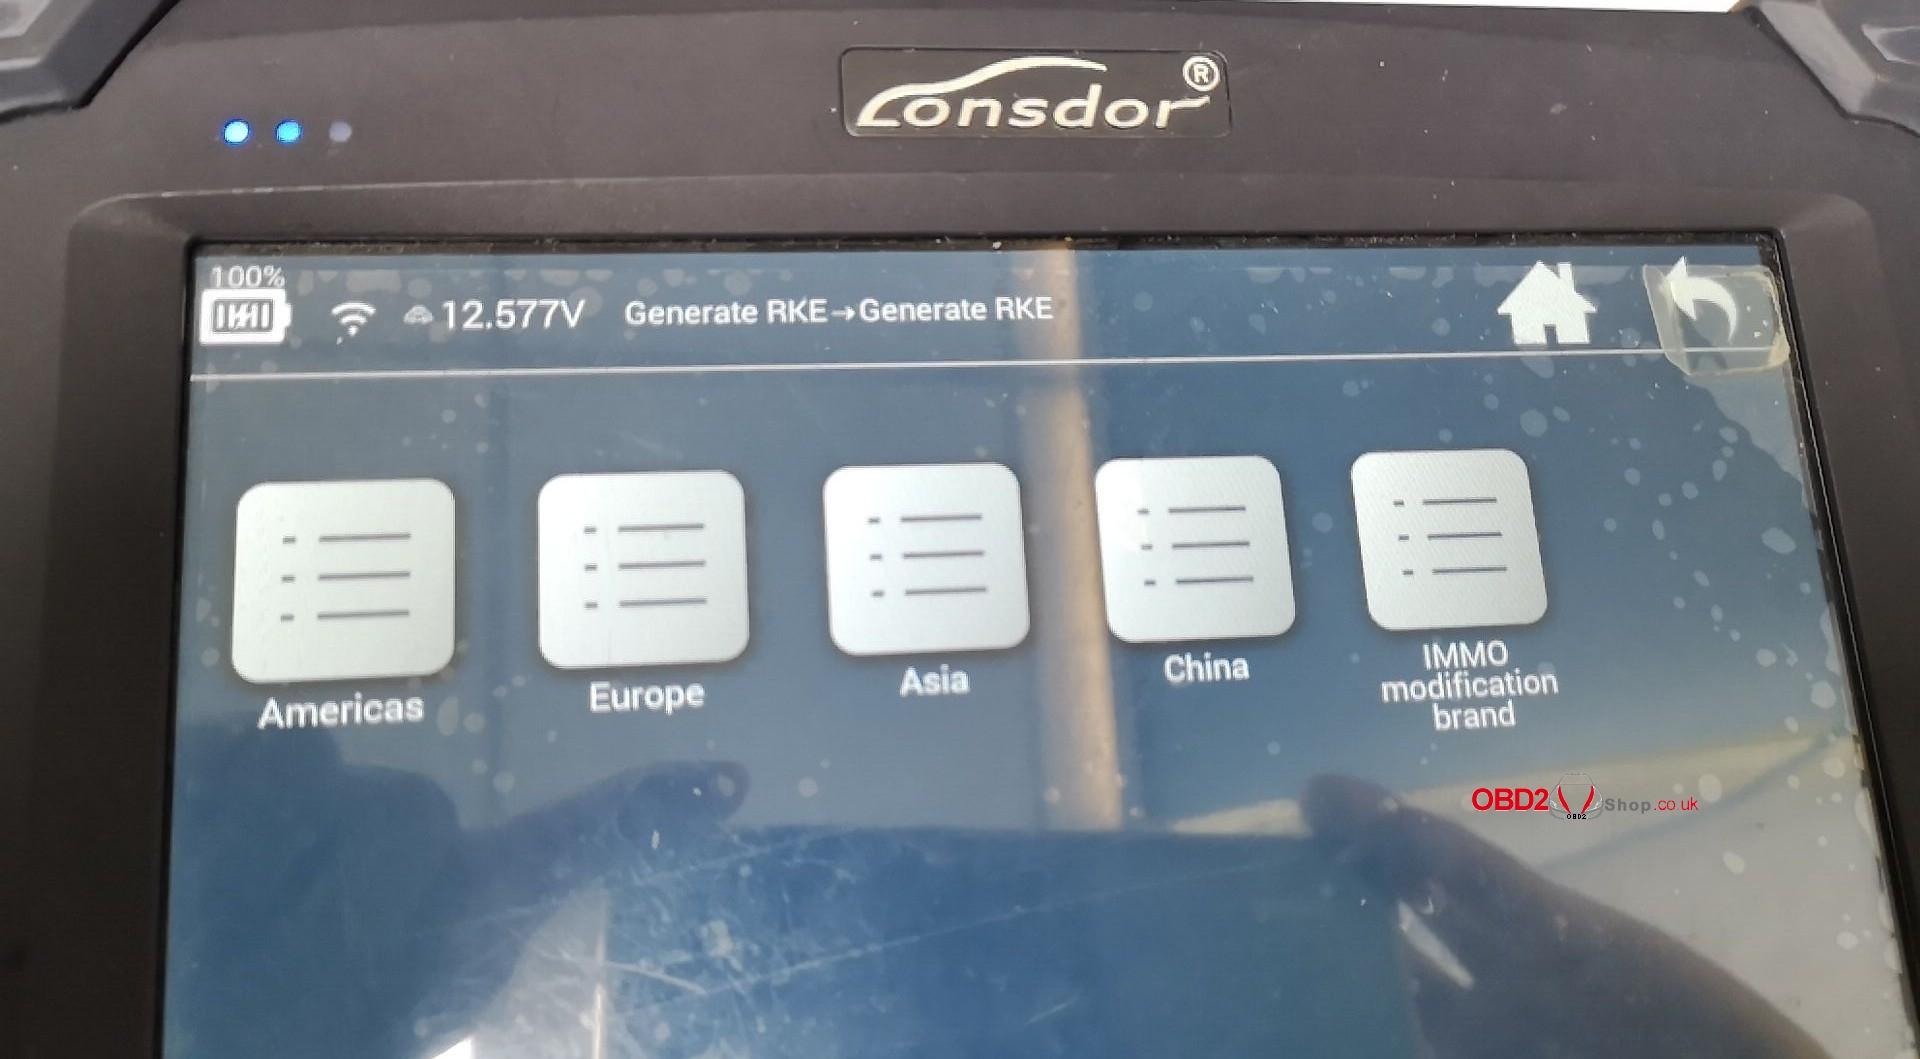 lonsdor-k518s-k518-remote-smart-key-generation-04